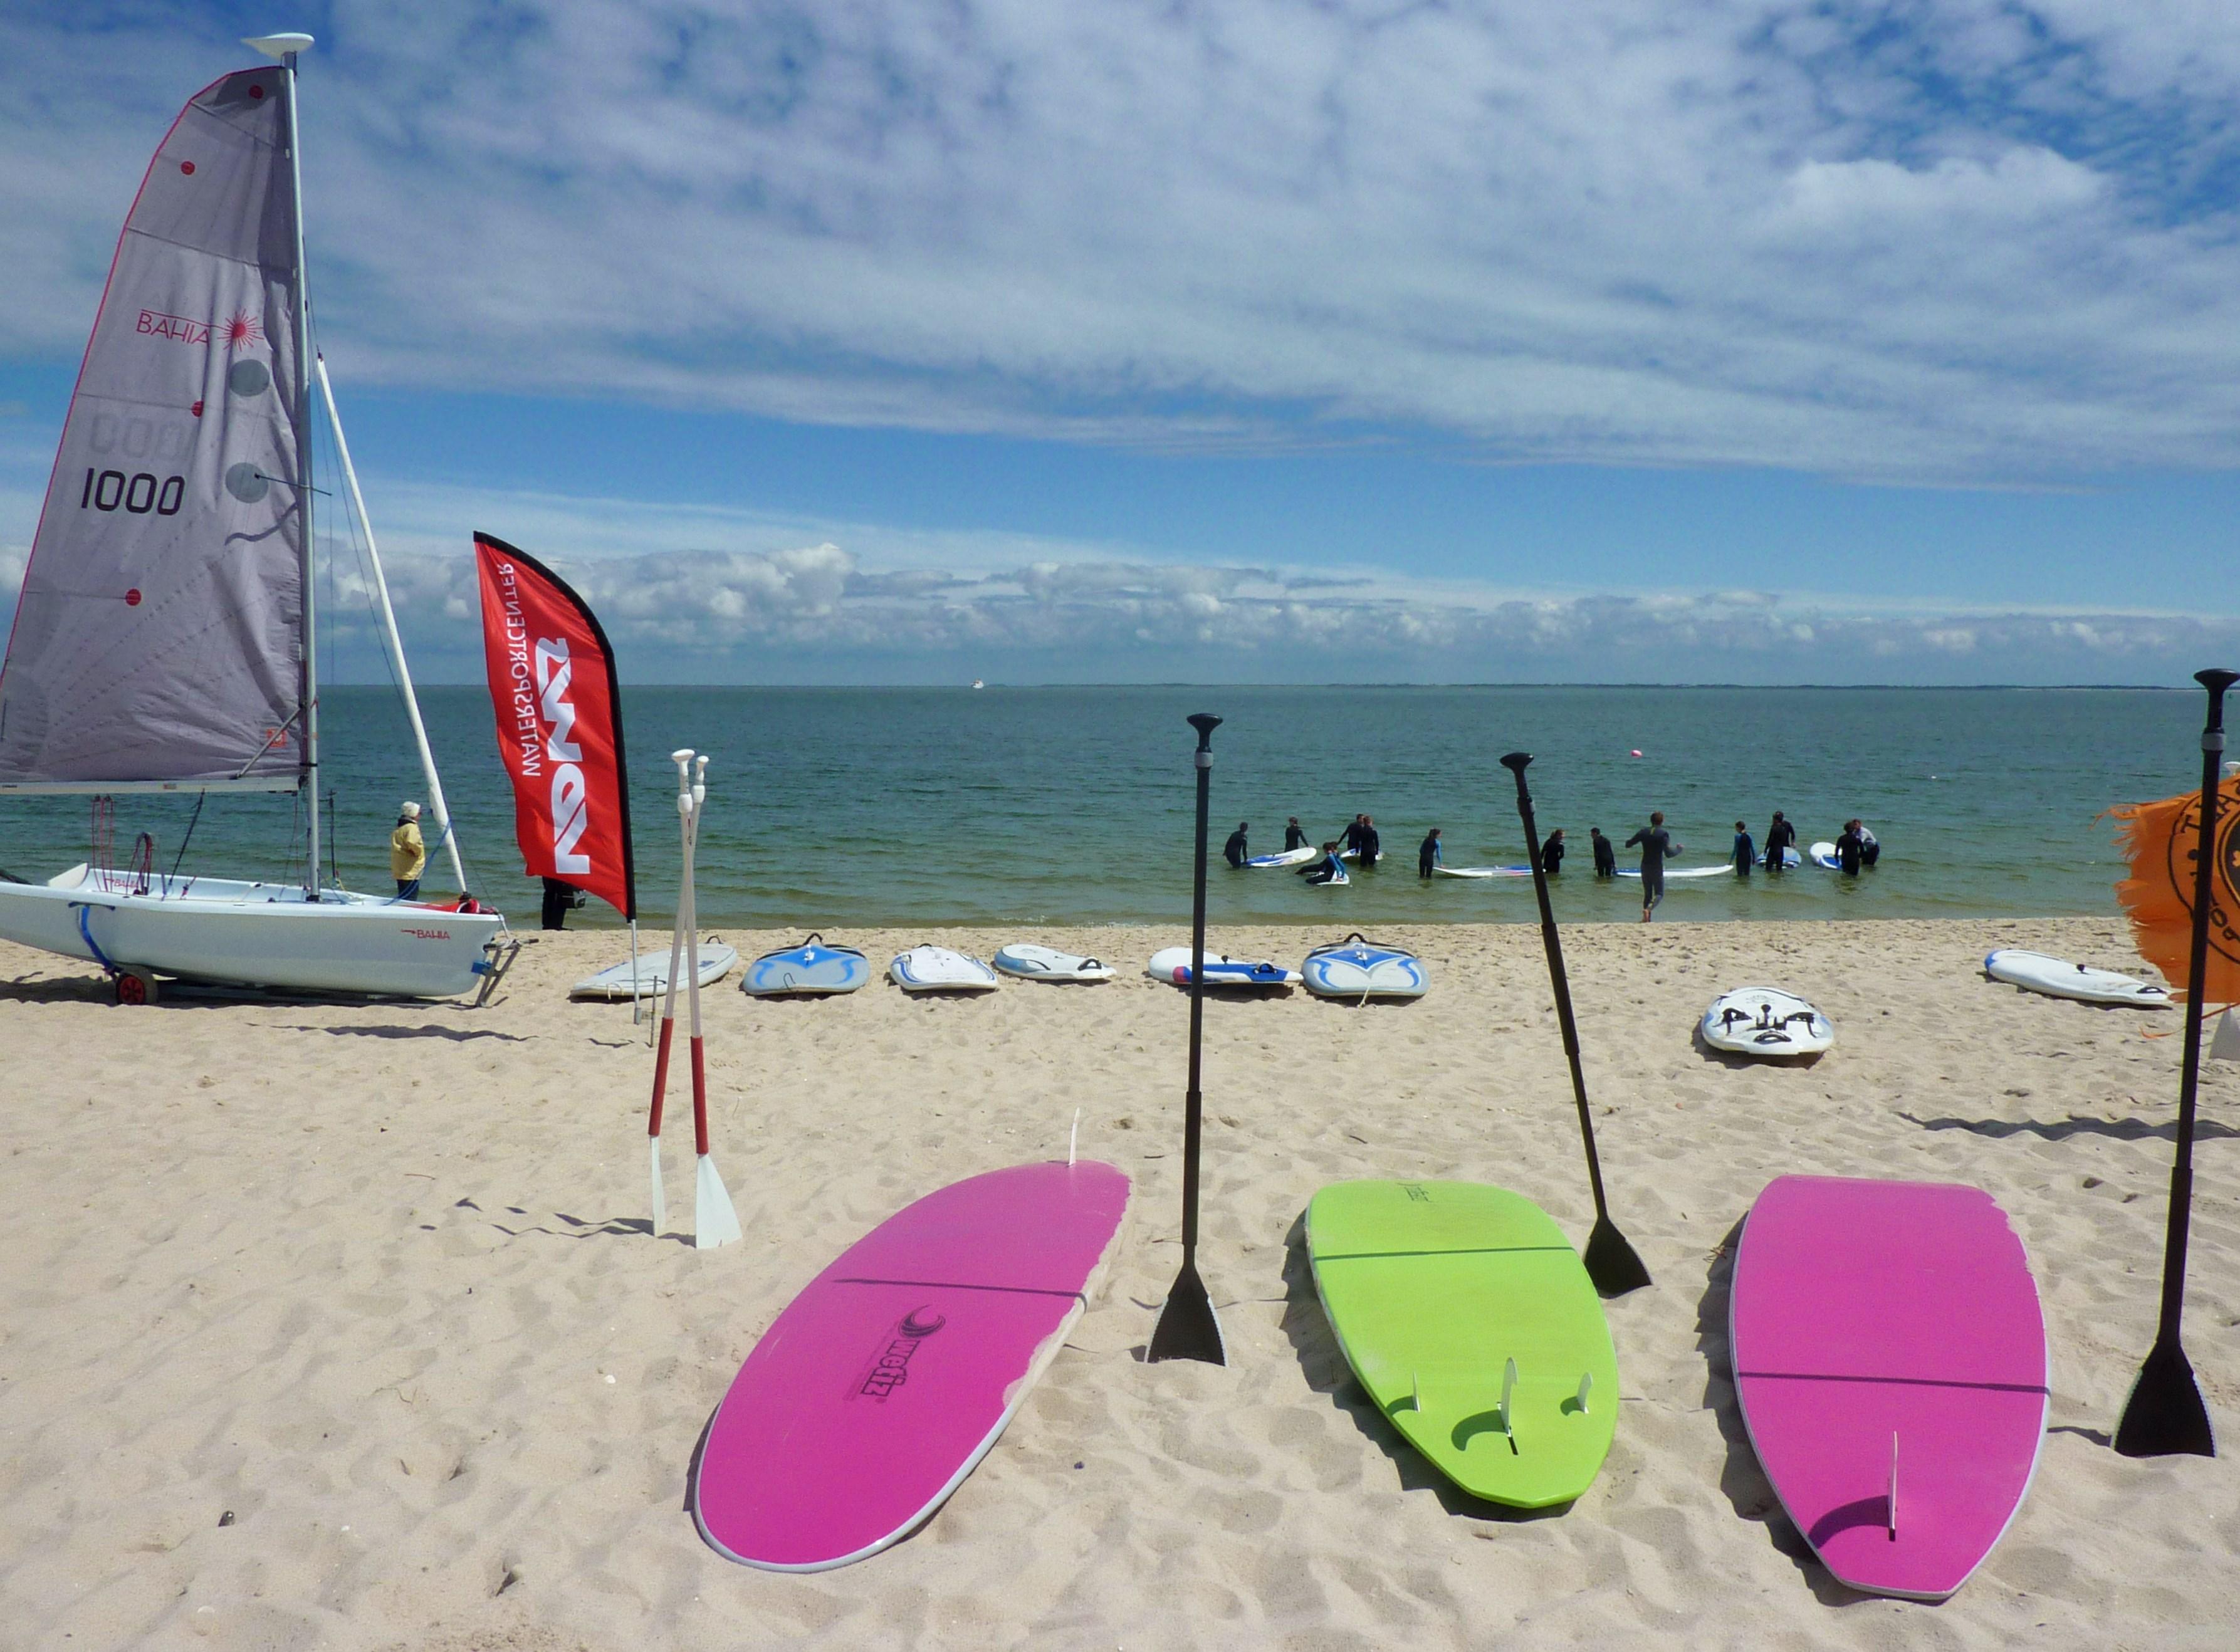 Strand Urlaub auf Sylt | werde aktive & nutze das Angebot der Surfschule an der Nordsee